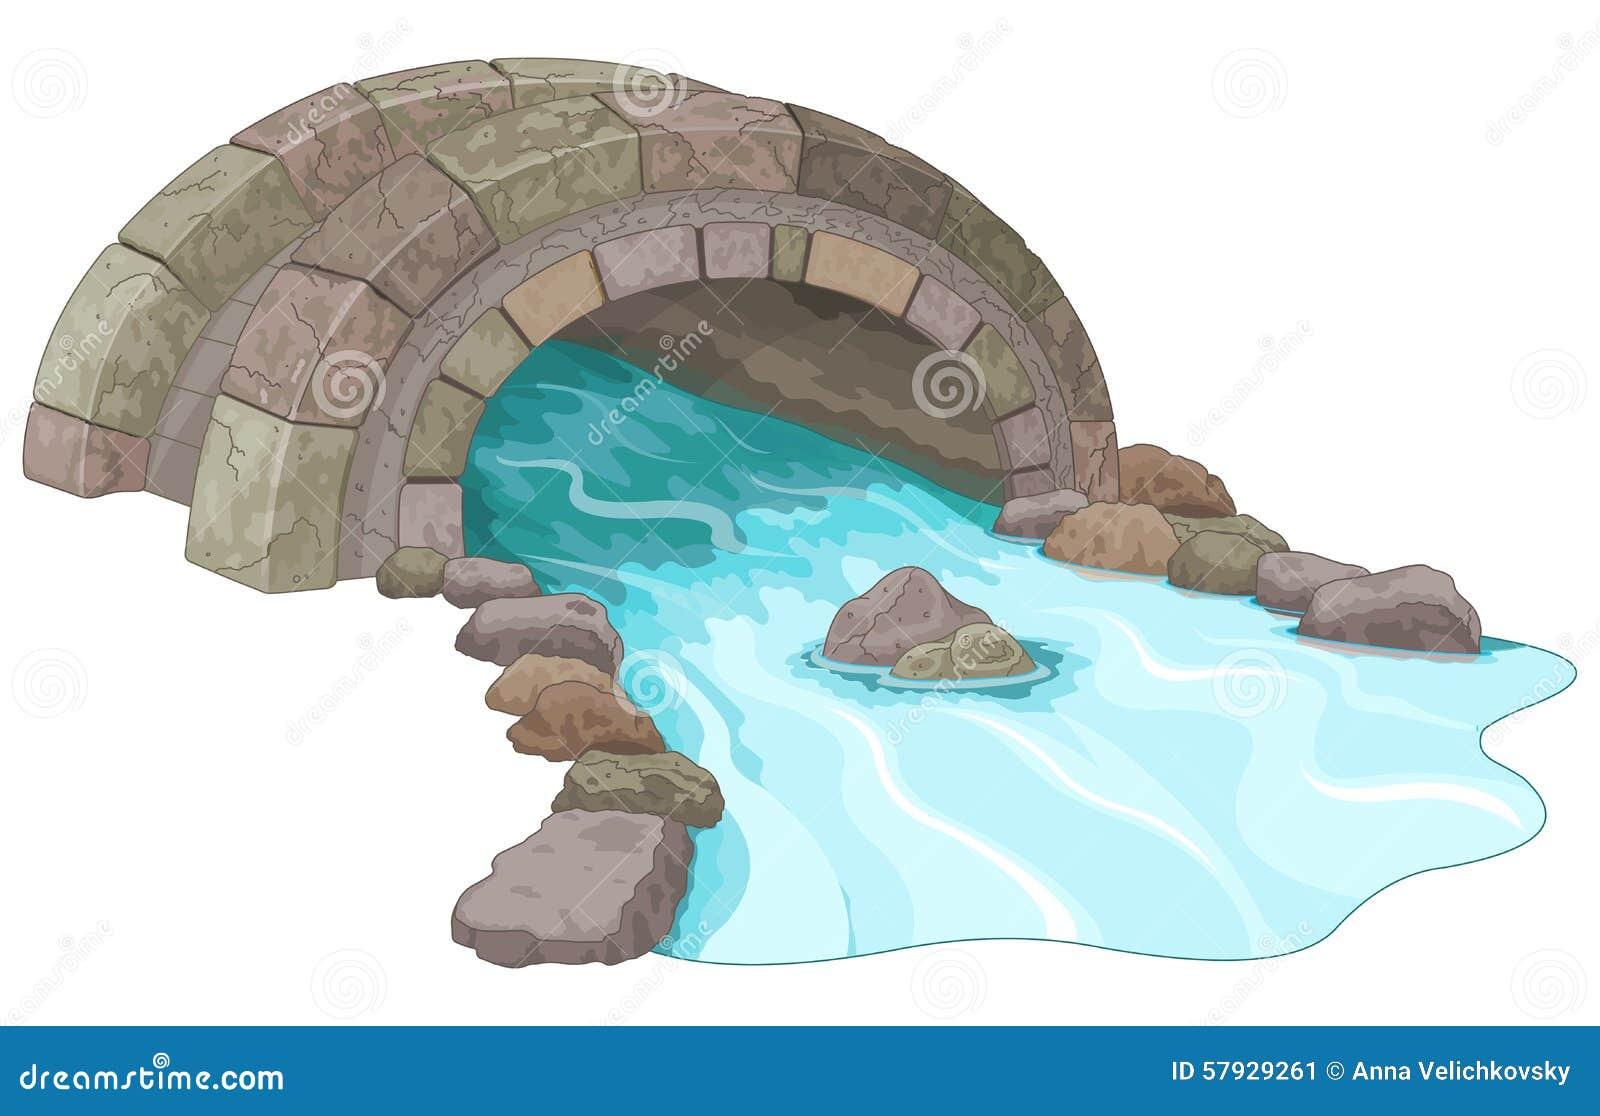 Stone Bridge Stock Vector - Image: 57929261